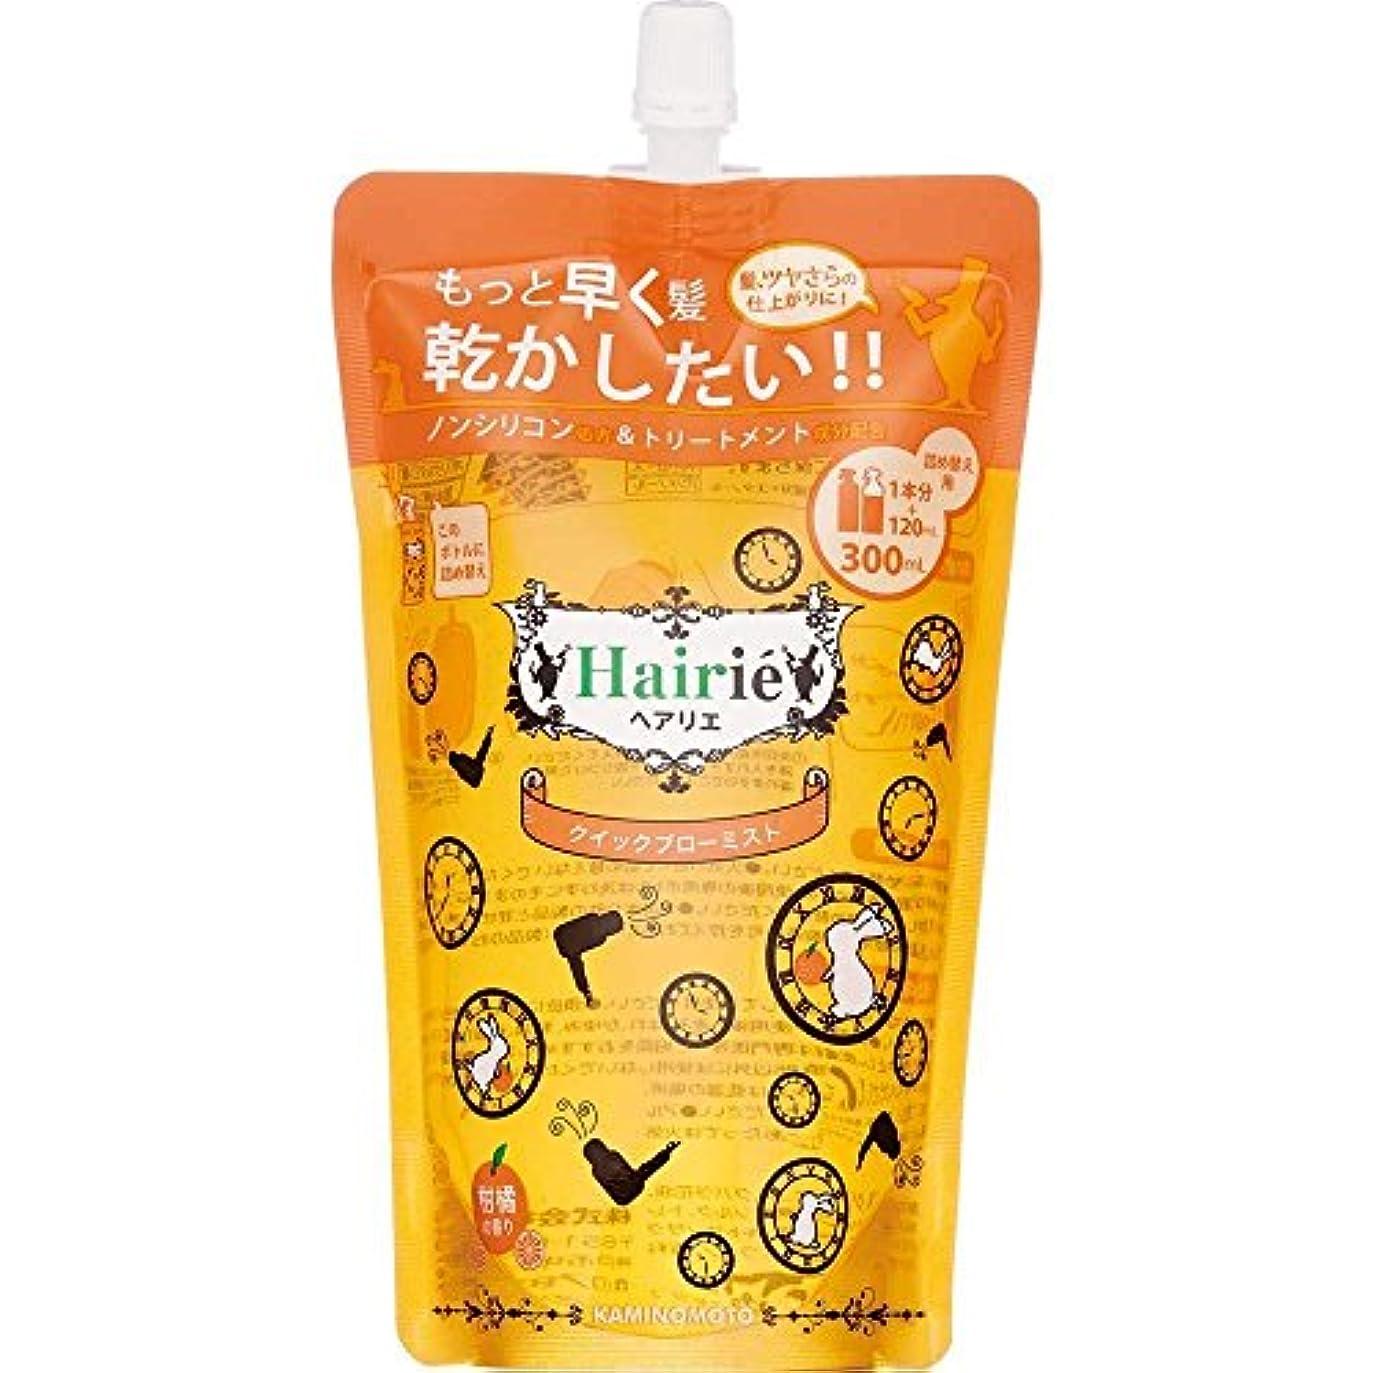 薬剤師弱める競争力のあるヘアリエ クイックブローミスト 柑橘の香り 詰め替え 300mL×3個